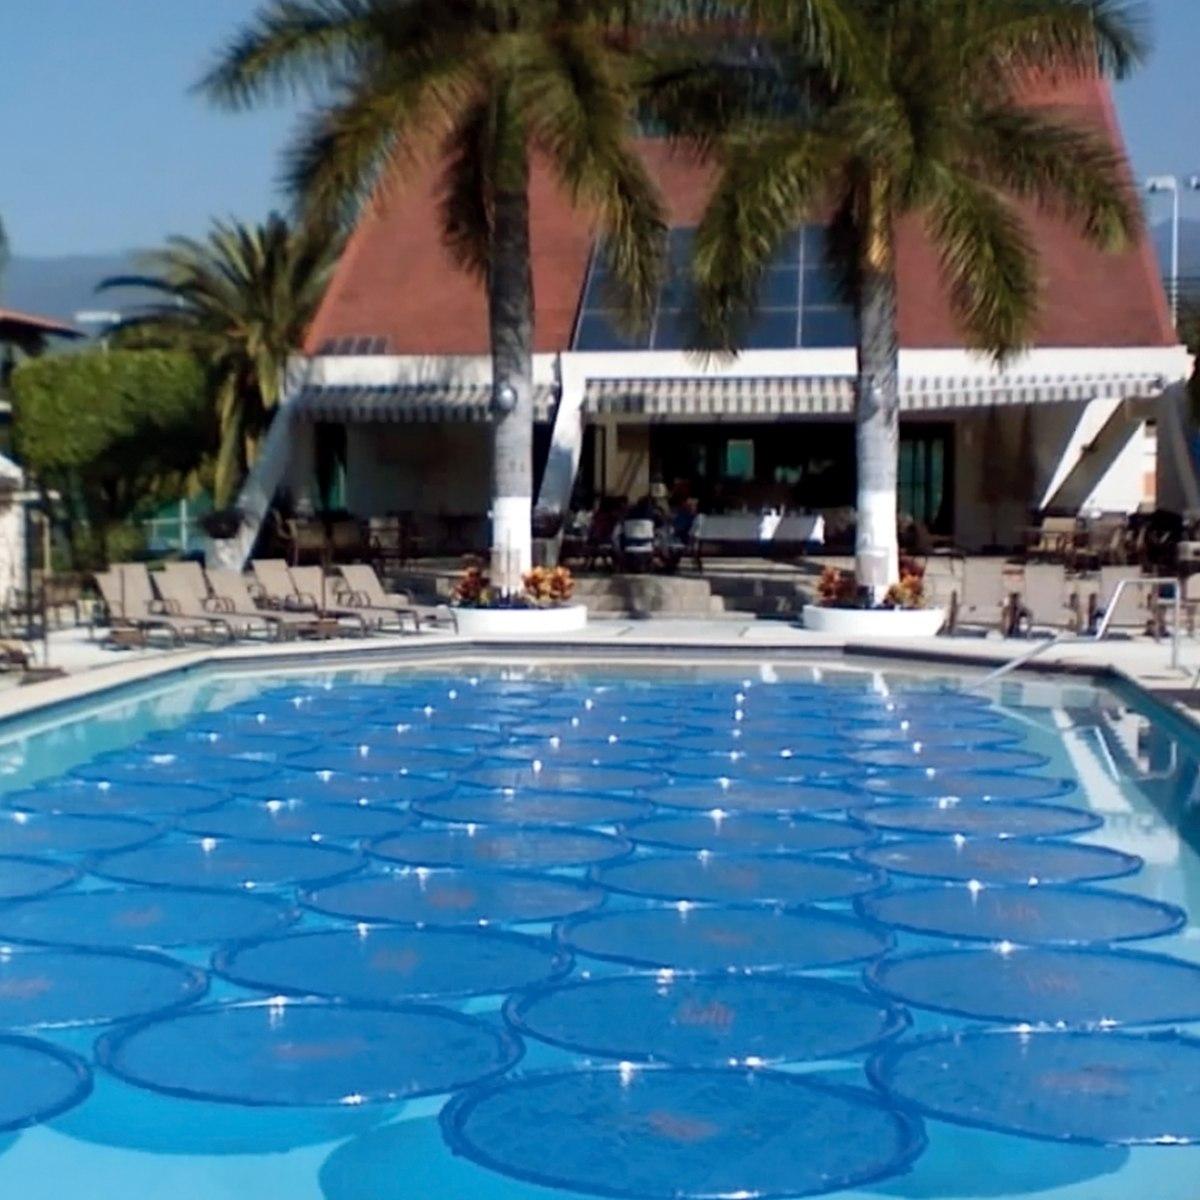 Aro solar inflable para albercas y piscinas en for Resbaladilla para alberca